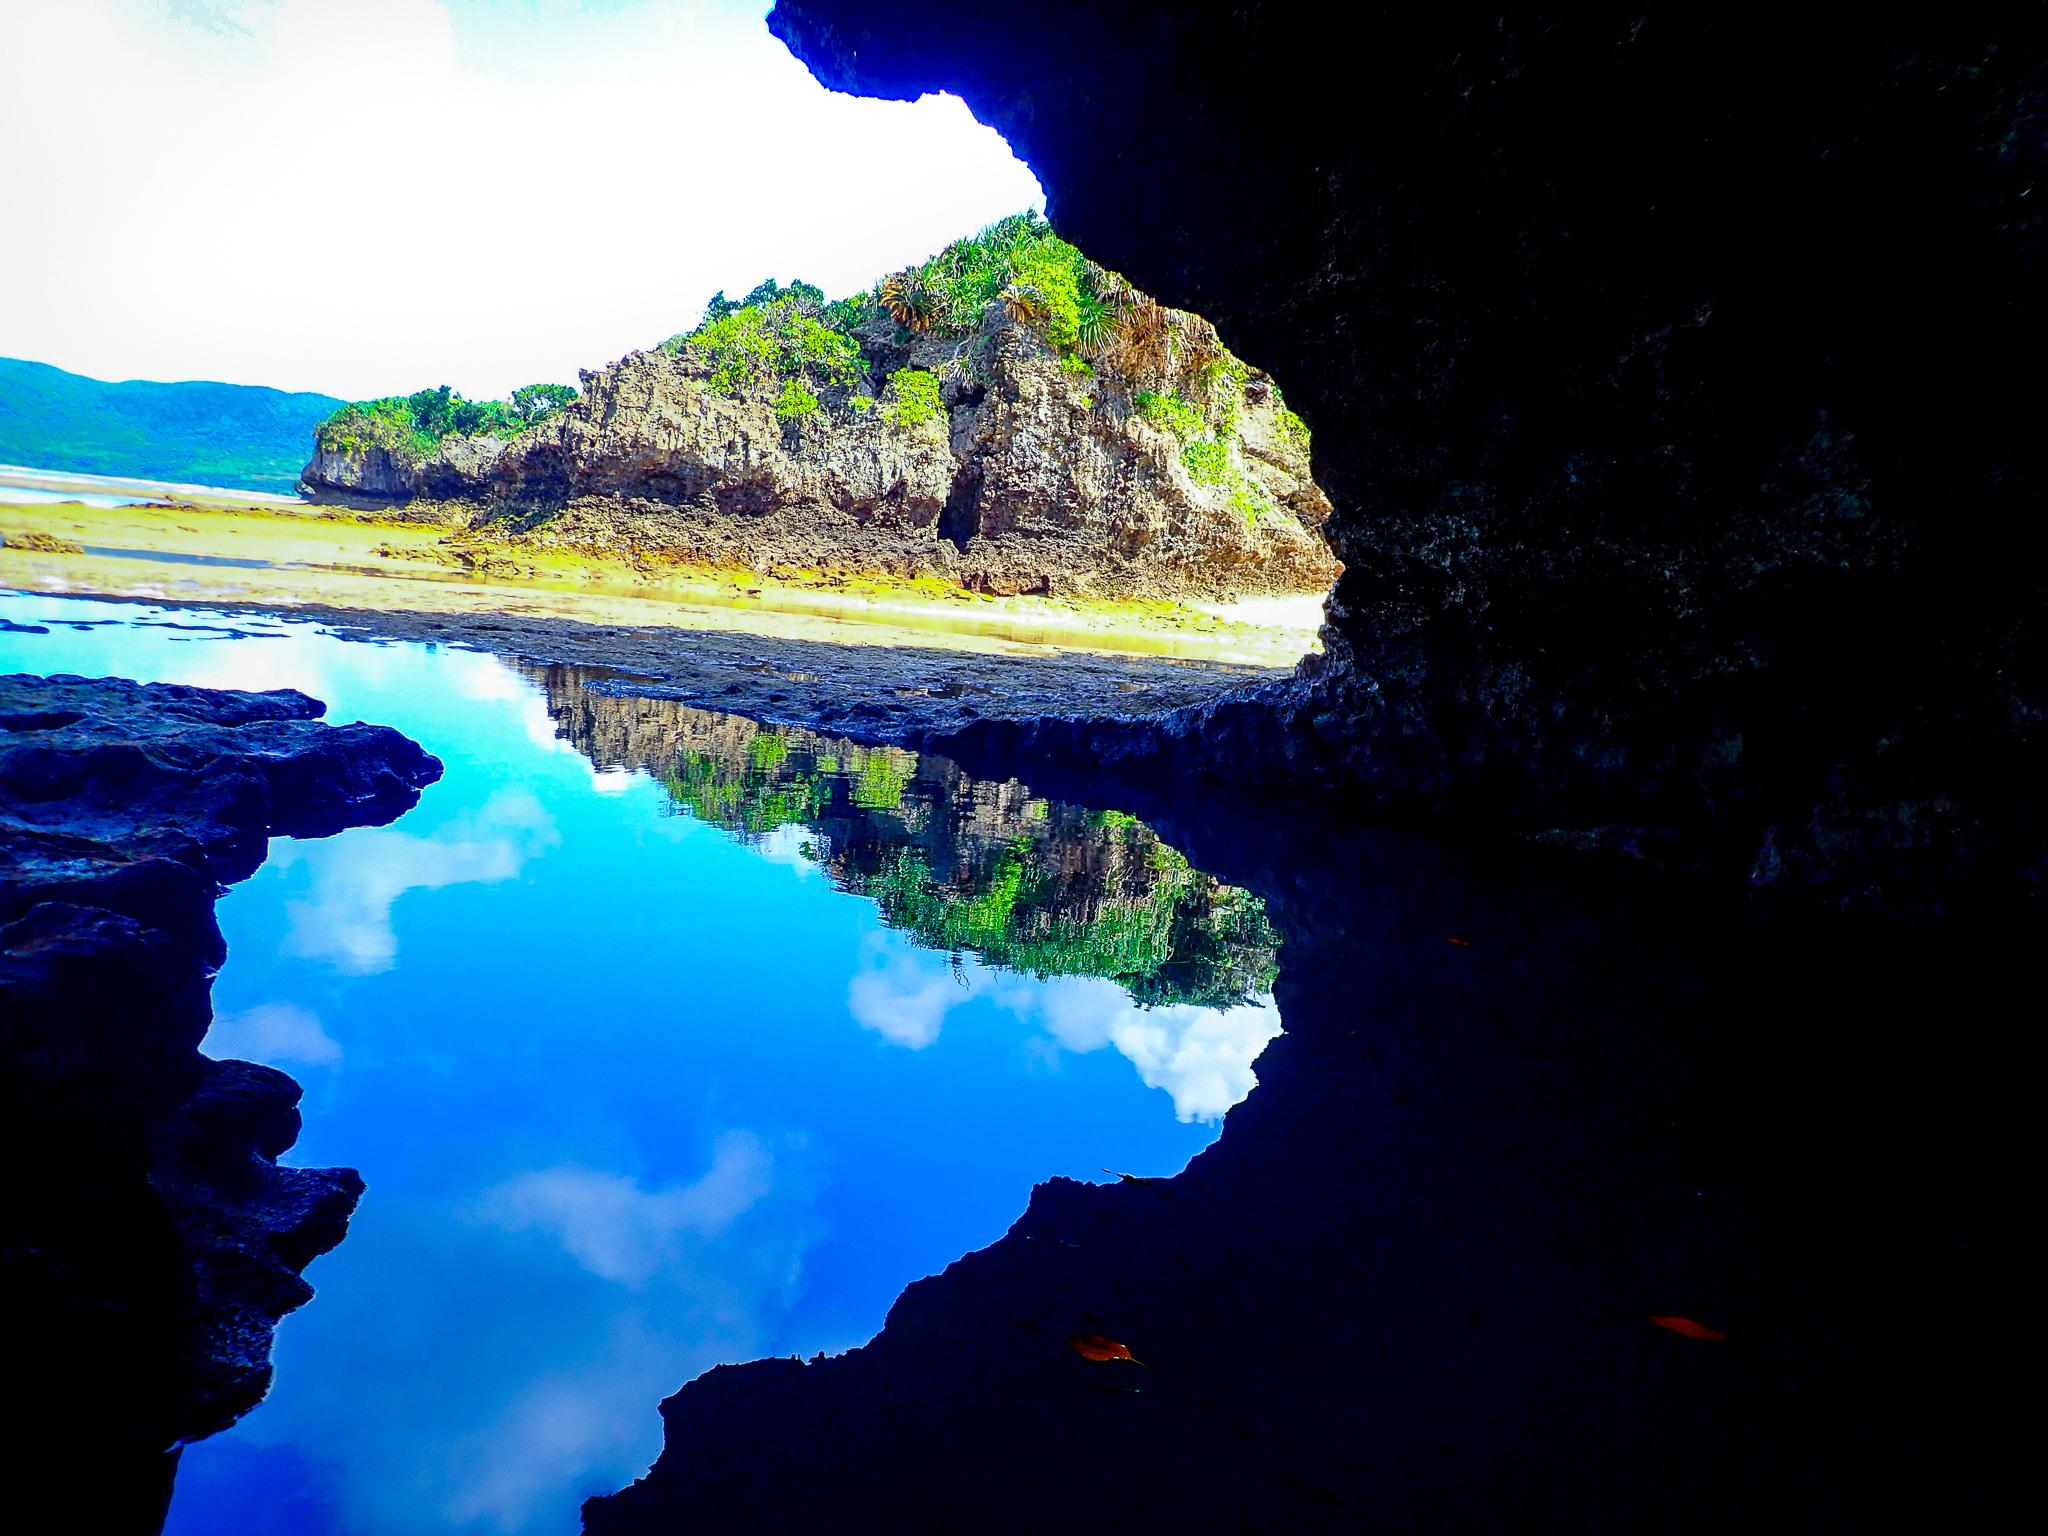 絶好のシュノーケリングスポットの青の洞窟